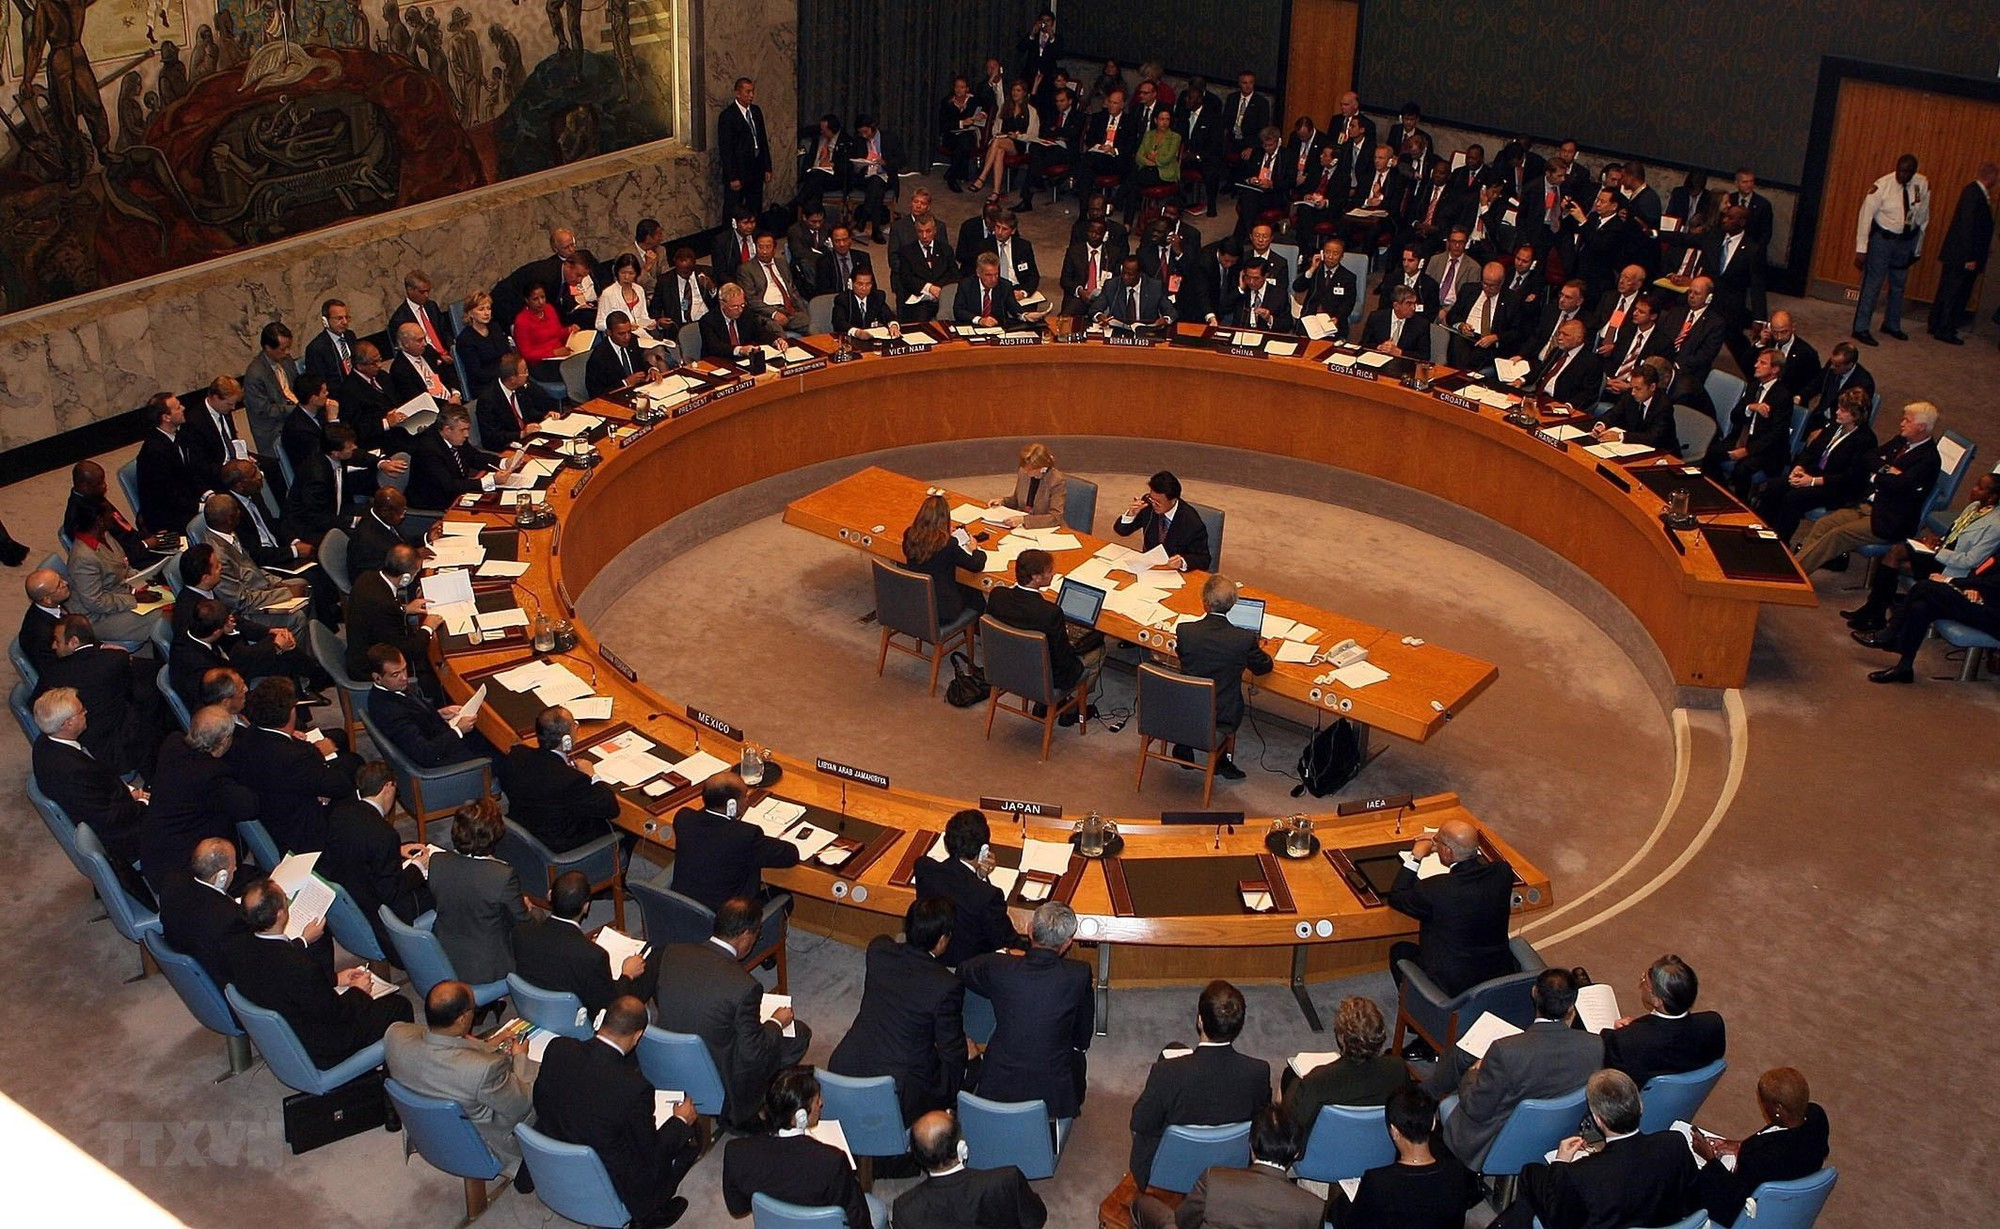 """Nước mắt Đại sứ Việt Nam trên đất Mỹ và hành trình 10 năm """"xếp gạch"""" vào Hội đồng bảo an Liên Hợp Quốc - Ảnh 8."""